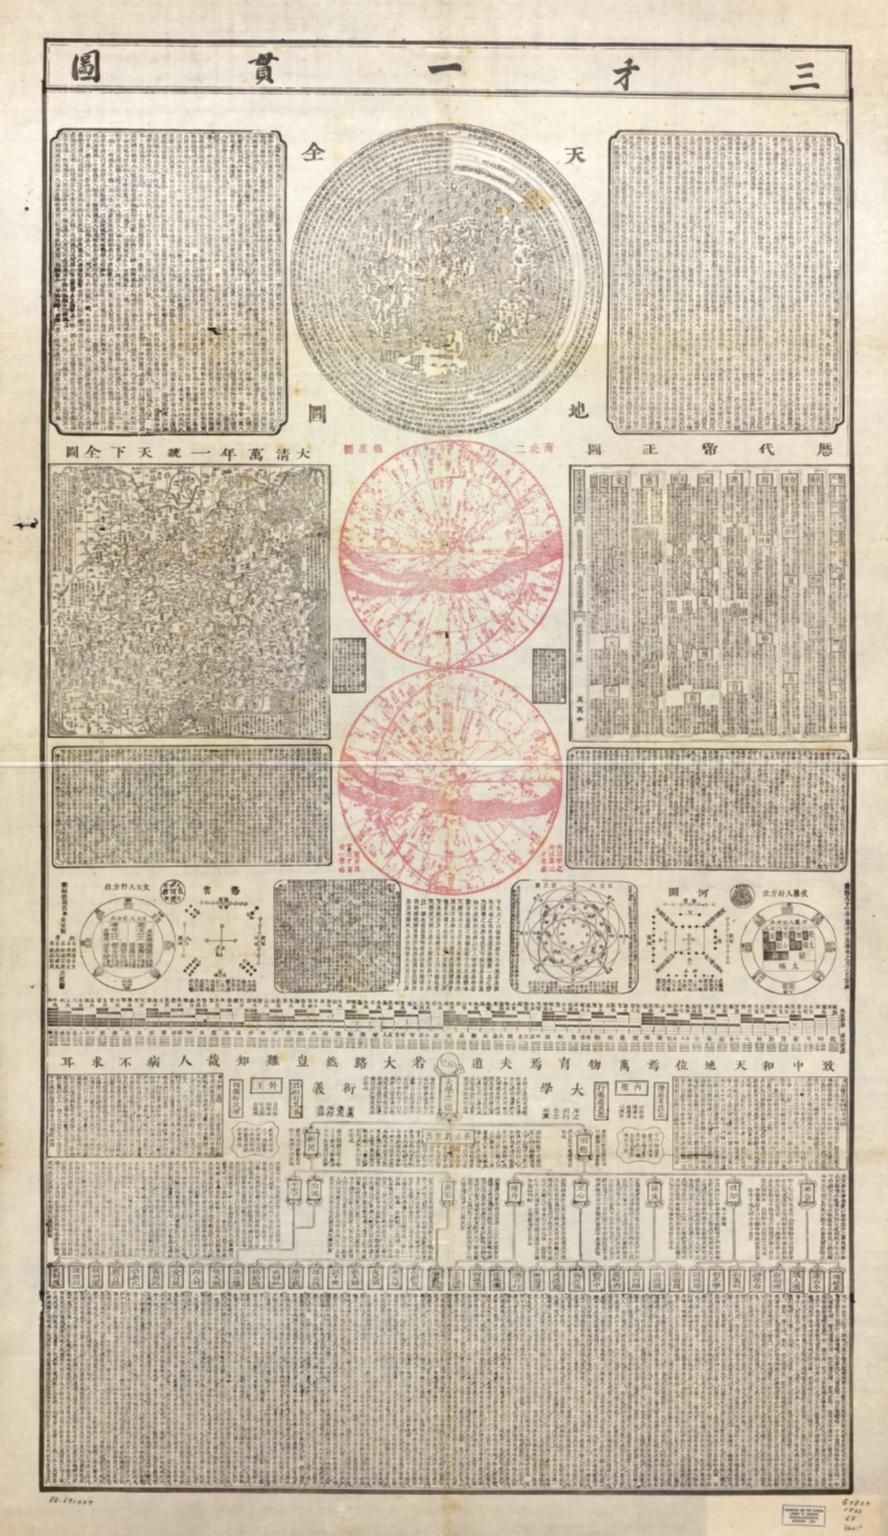 三才一貫圖 = Map of the three powers unified